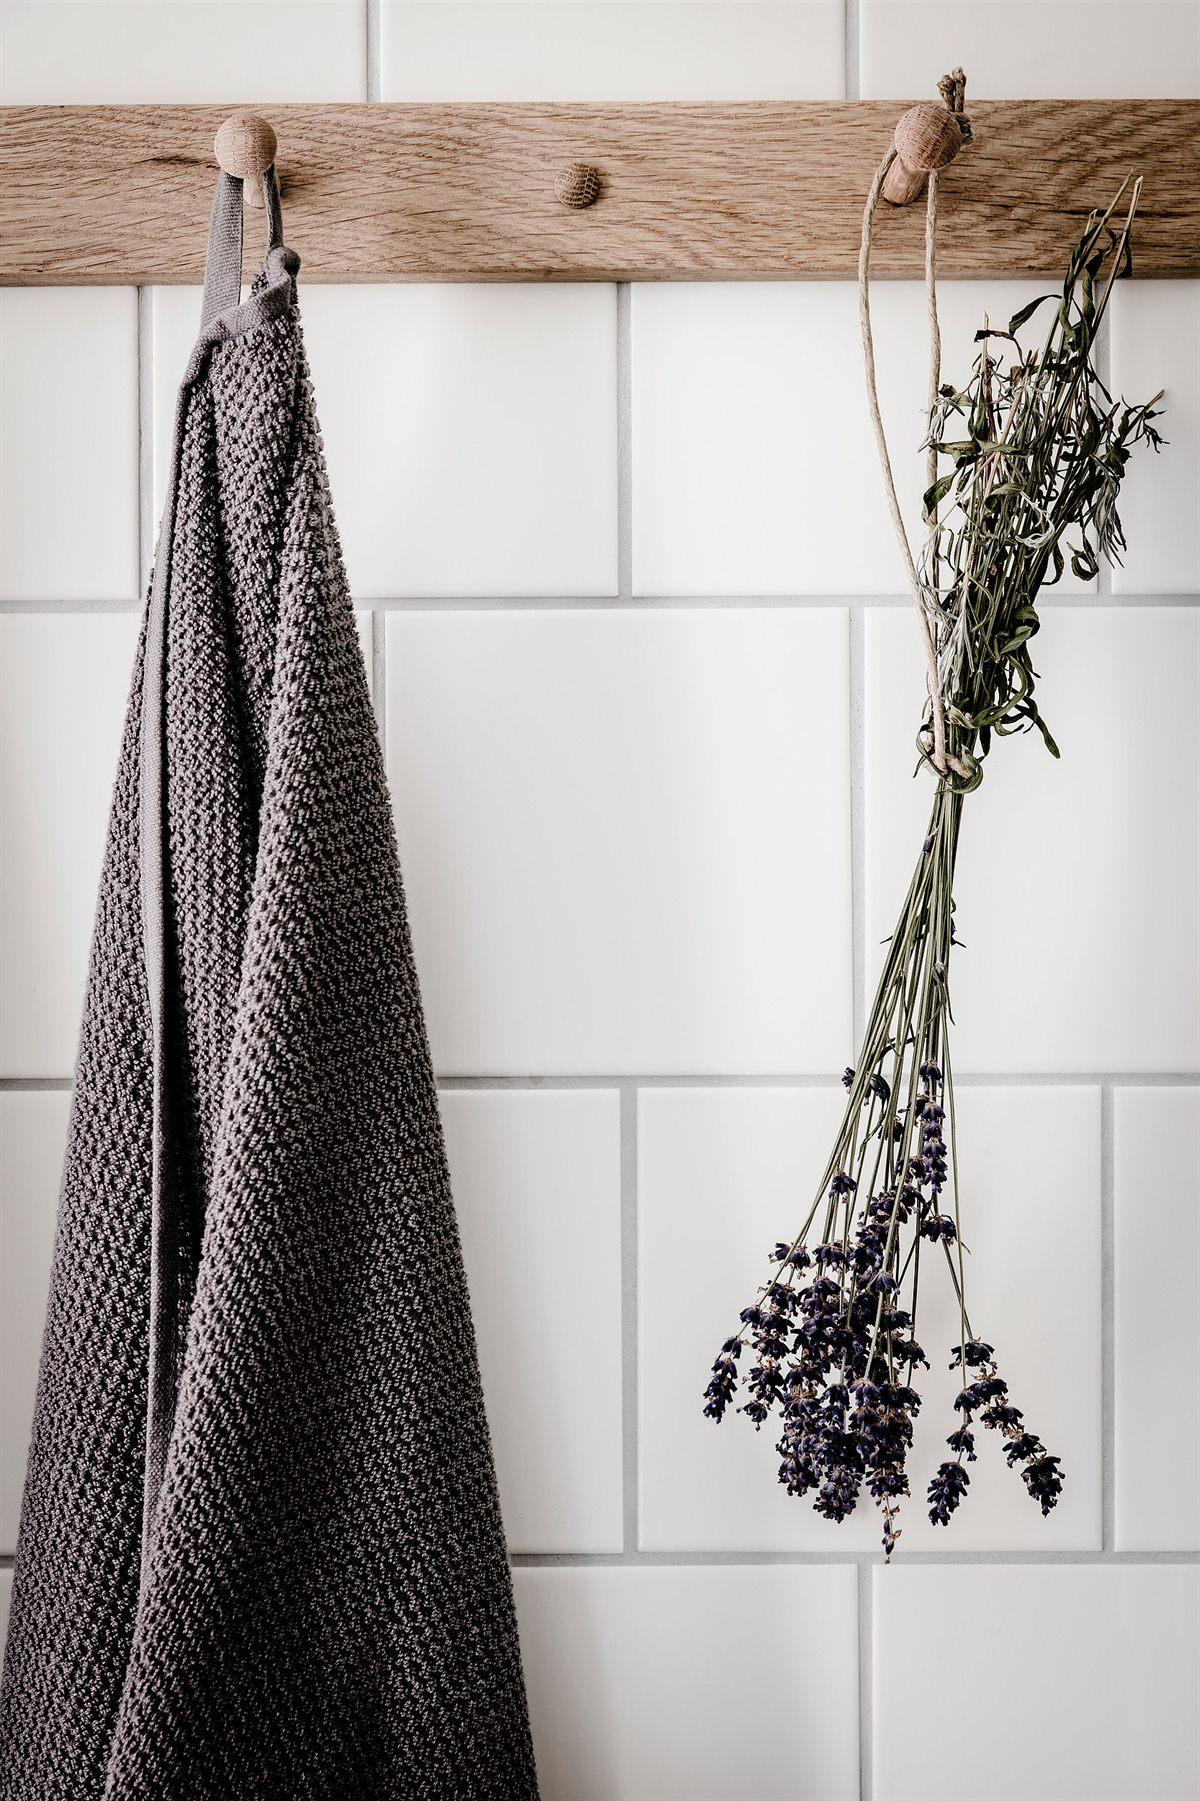 Badkamers voorbeelden » Mooie details in een eenvoudige badkamer